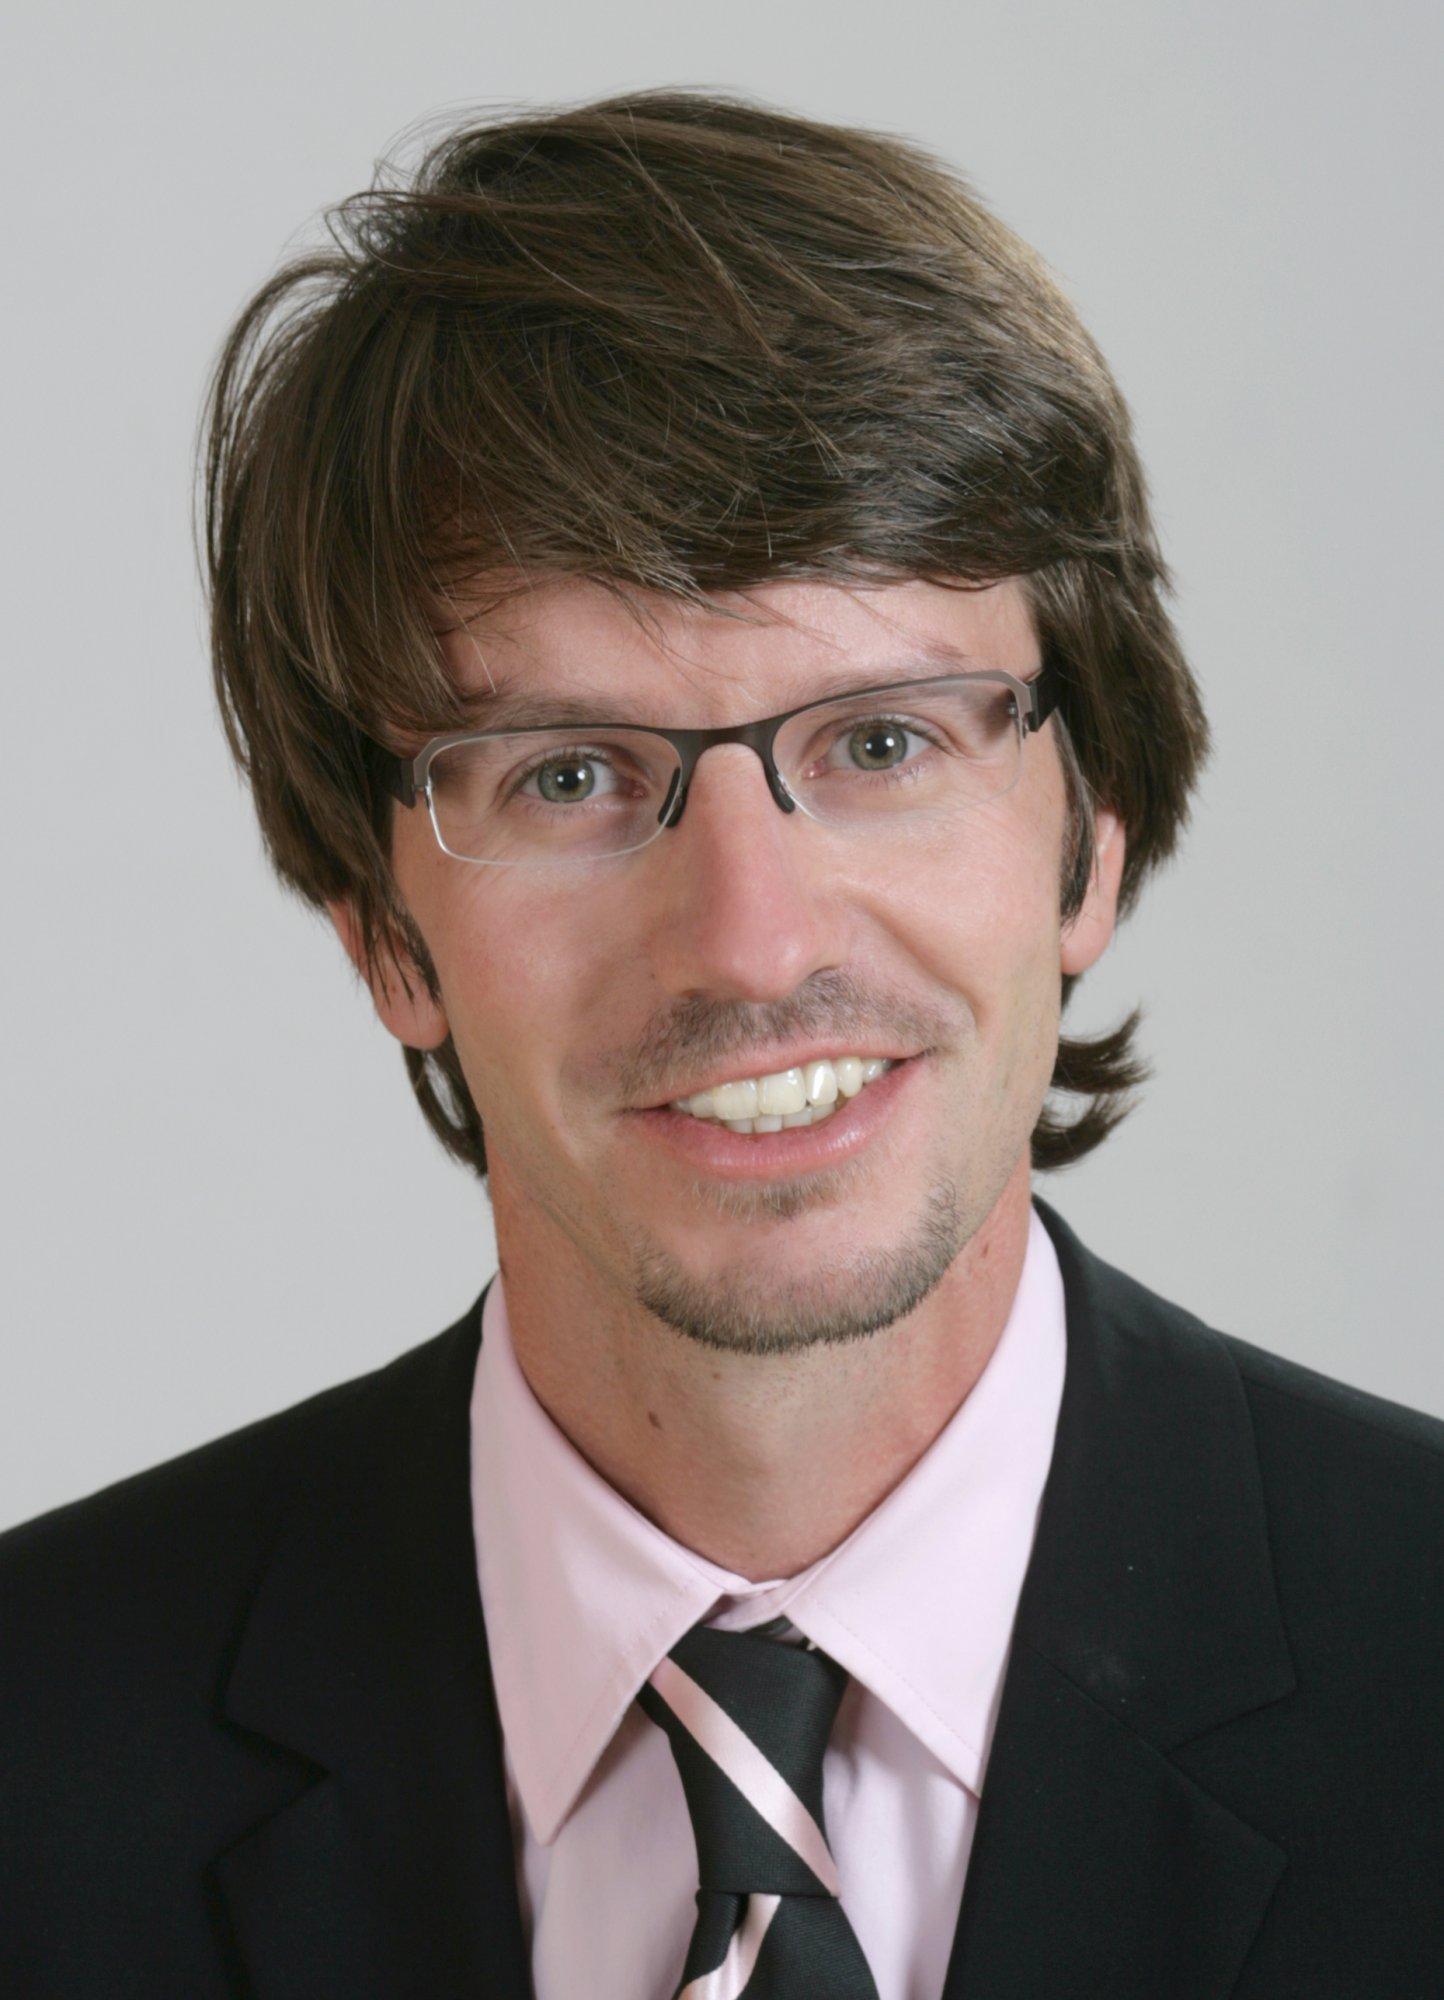 Andreas M. Bensegger